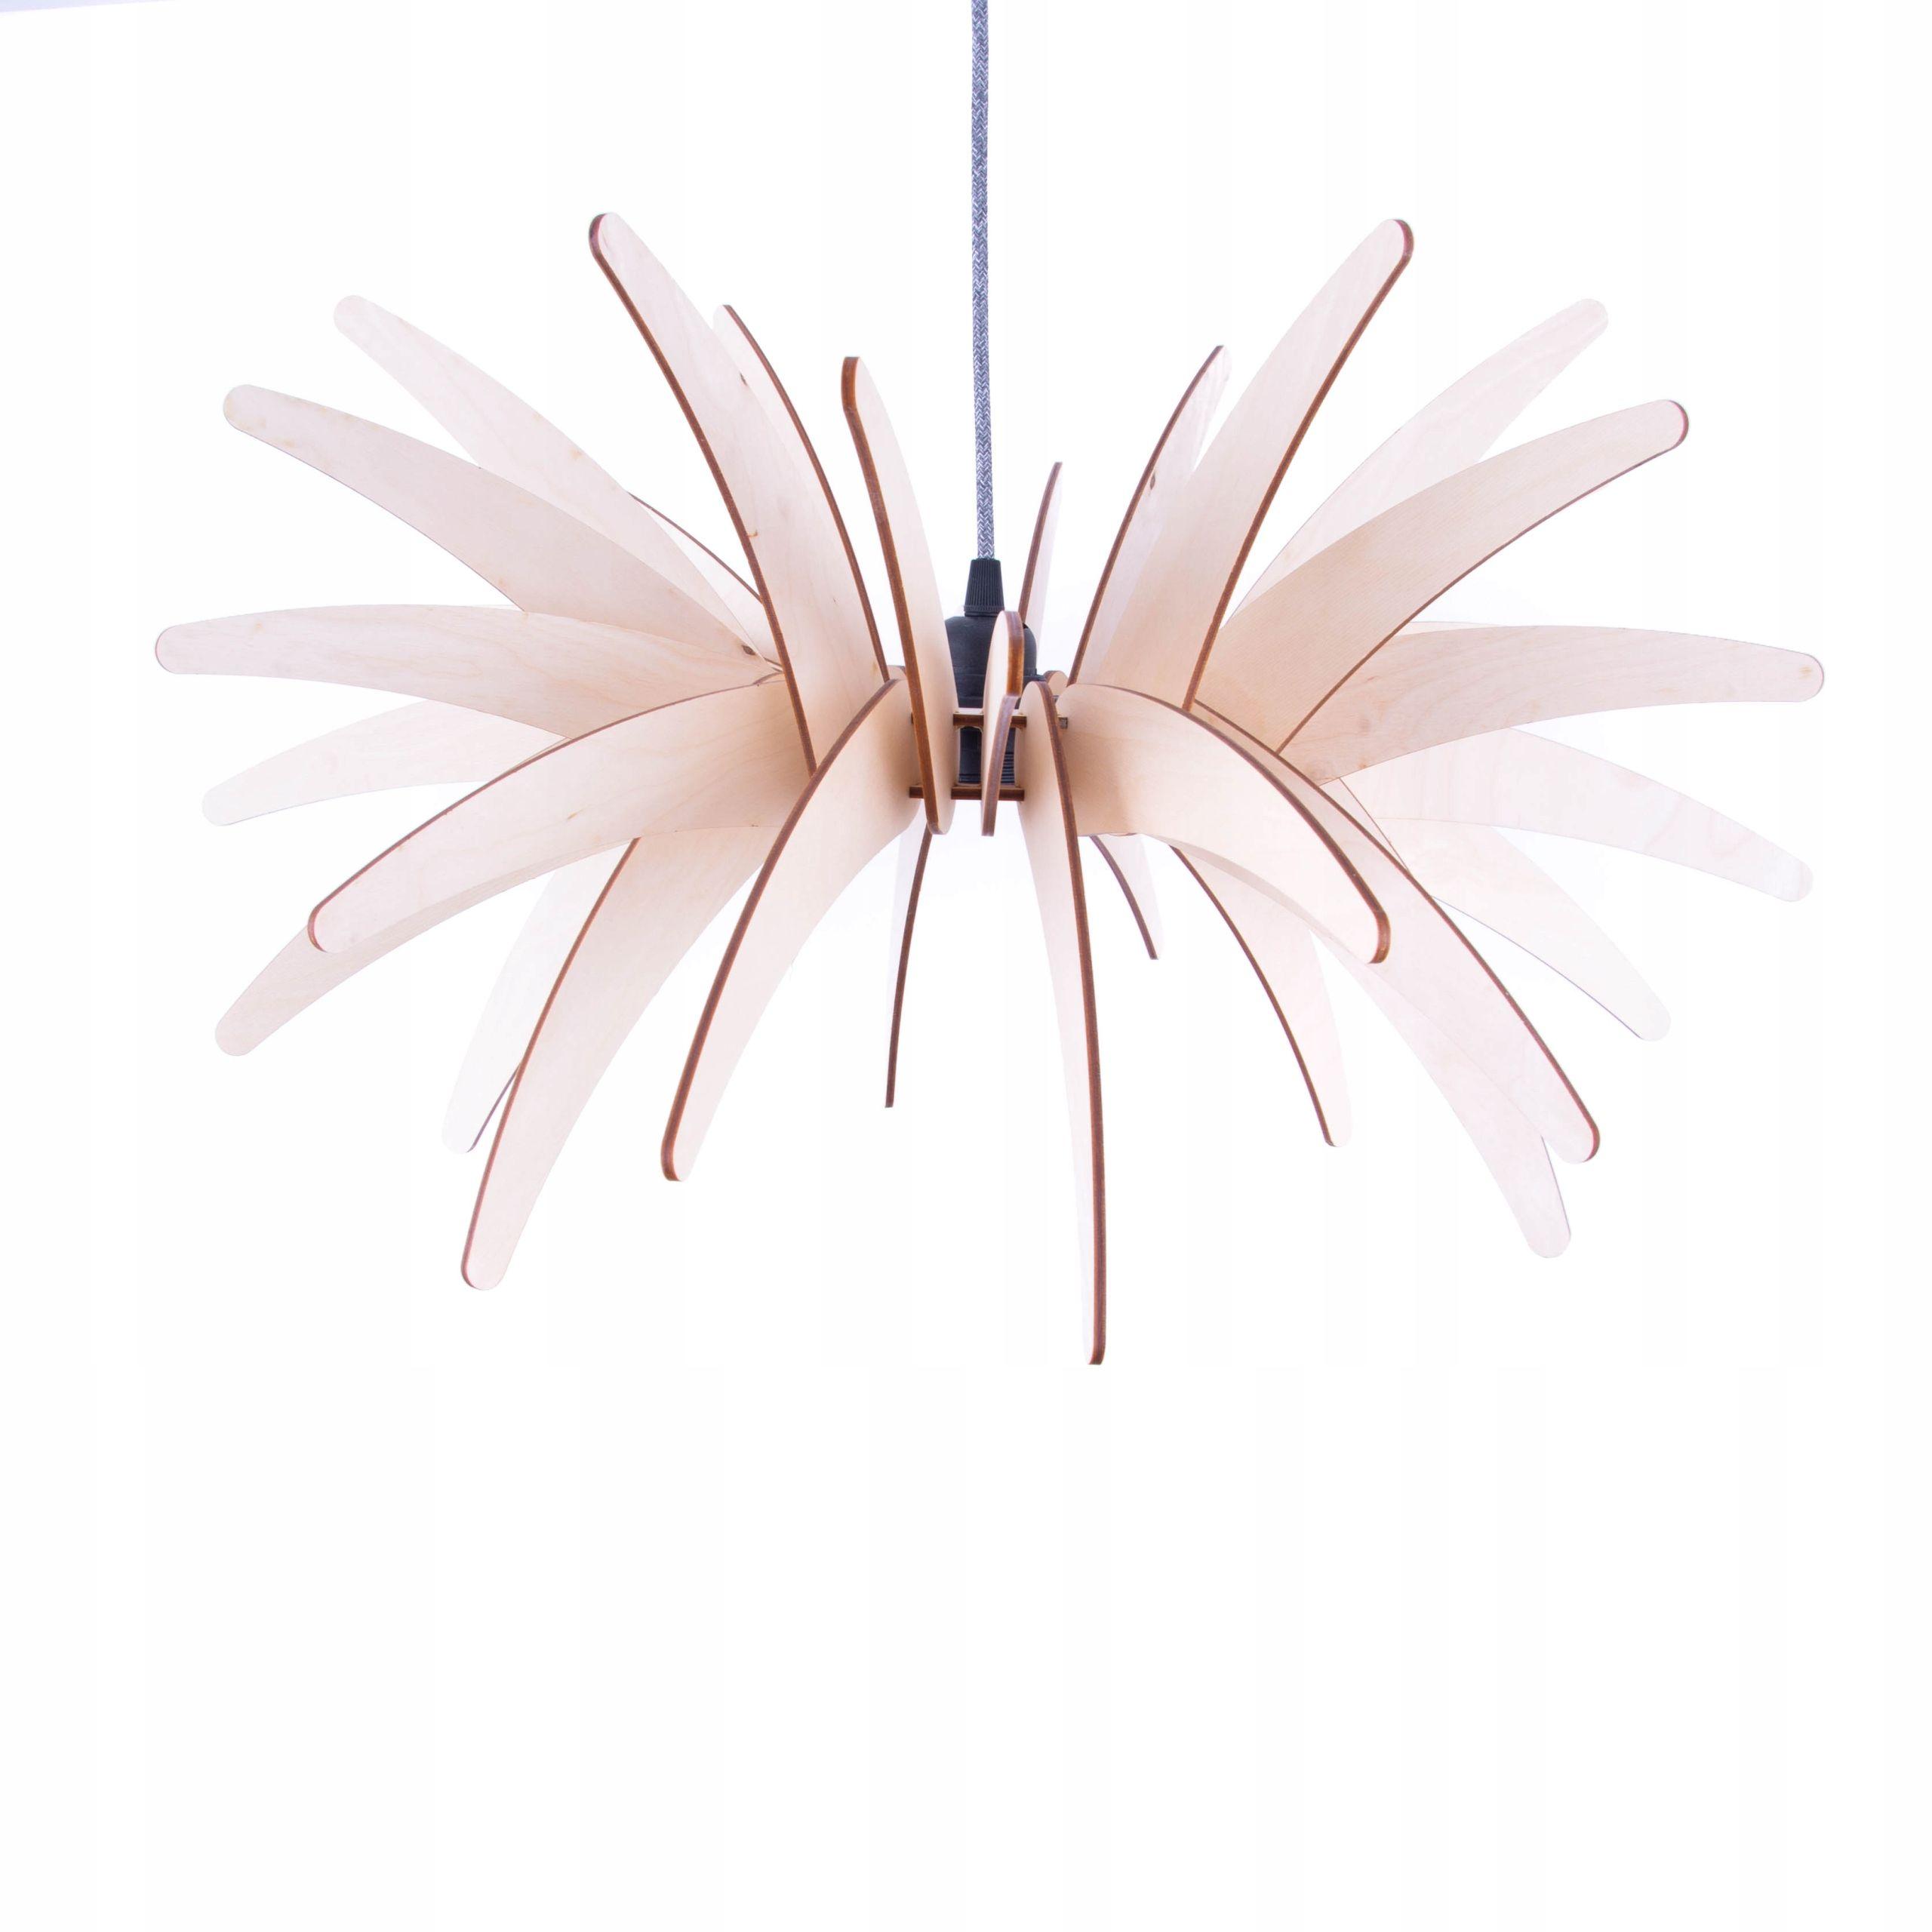 Nowoczesna Lampa Sufitowa Drewniana Wiszaca Abazur 7680066124 Oficjalne Archiwum Allegro